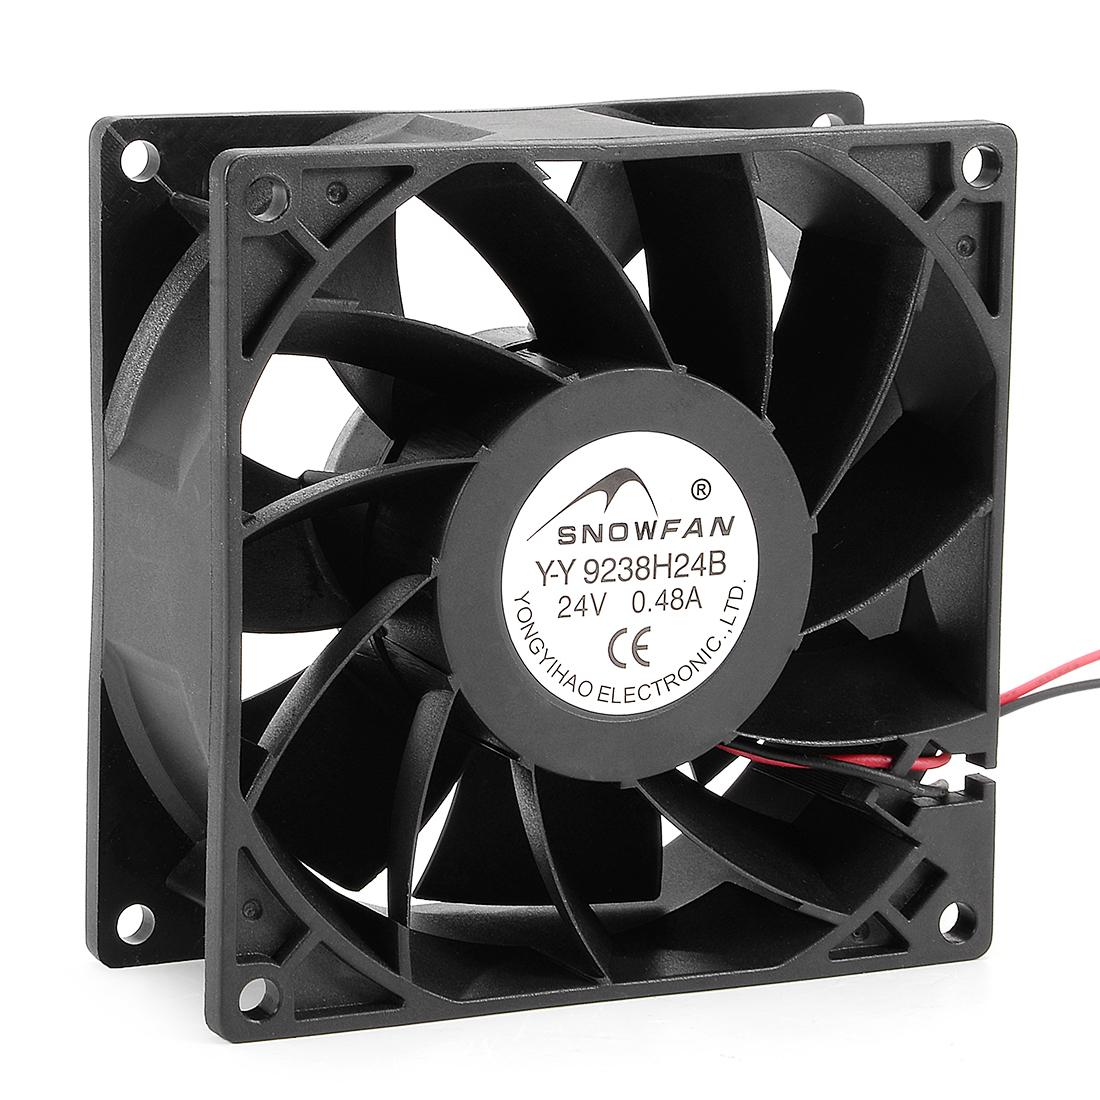 92mm x 38mm 24V DC Cooling Fan Long Life Dual Ball Bearing Computer Case Fan